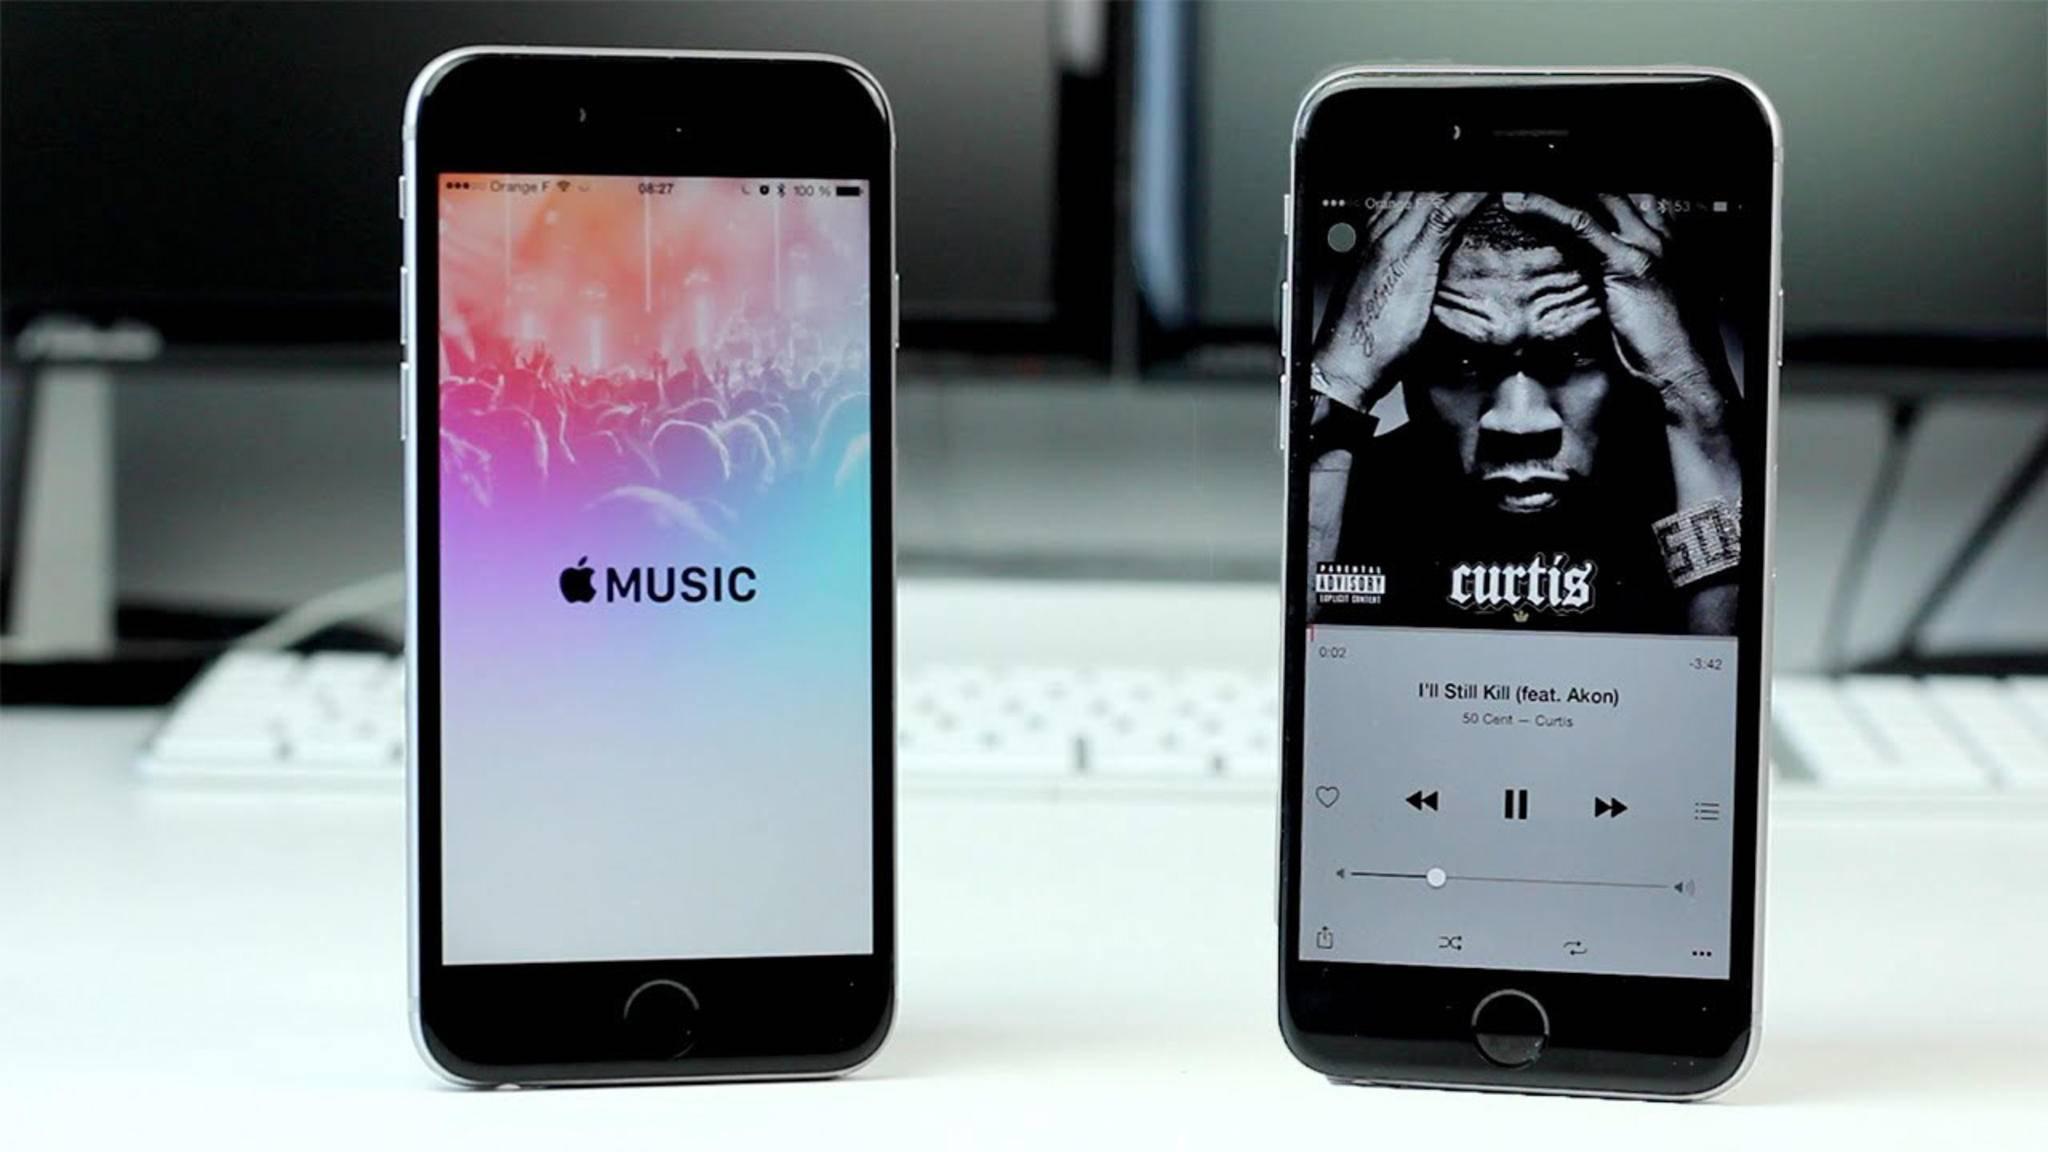 Der Shuffle-Modus in Apple Music lässt sich selbstverständlich auch ausschalten.